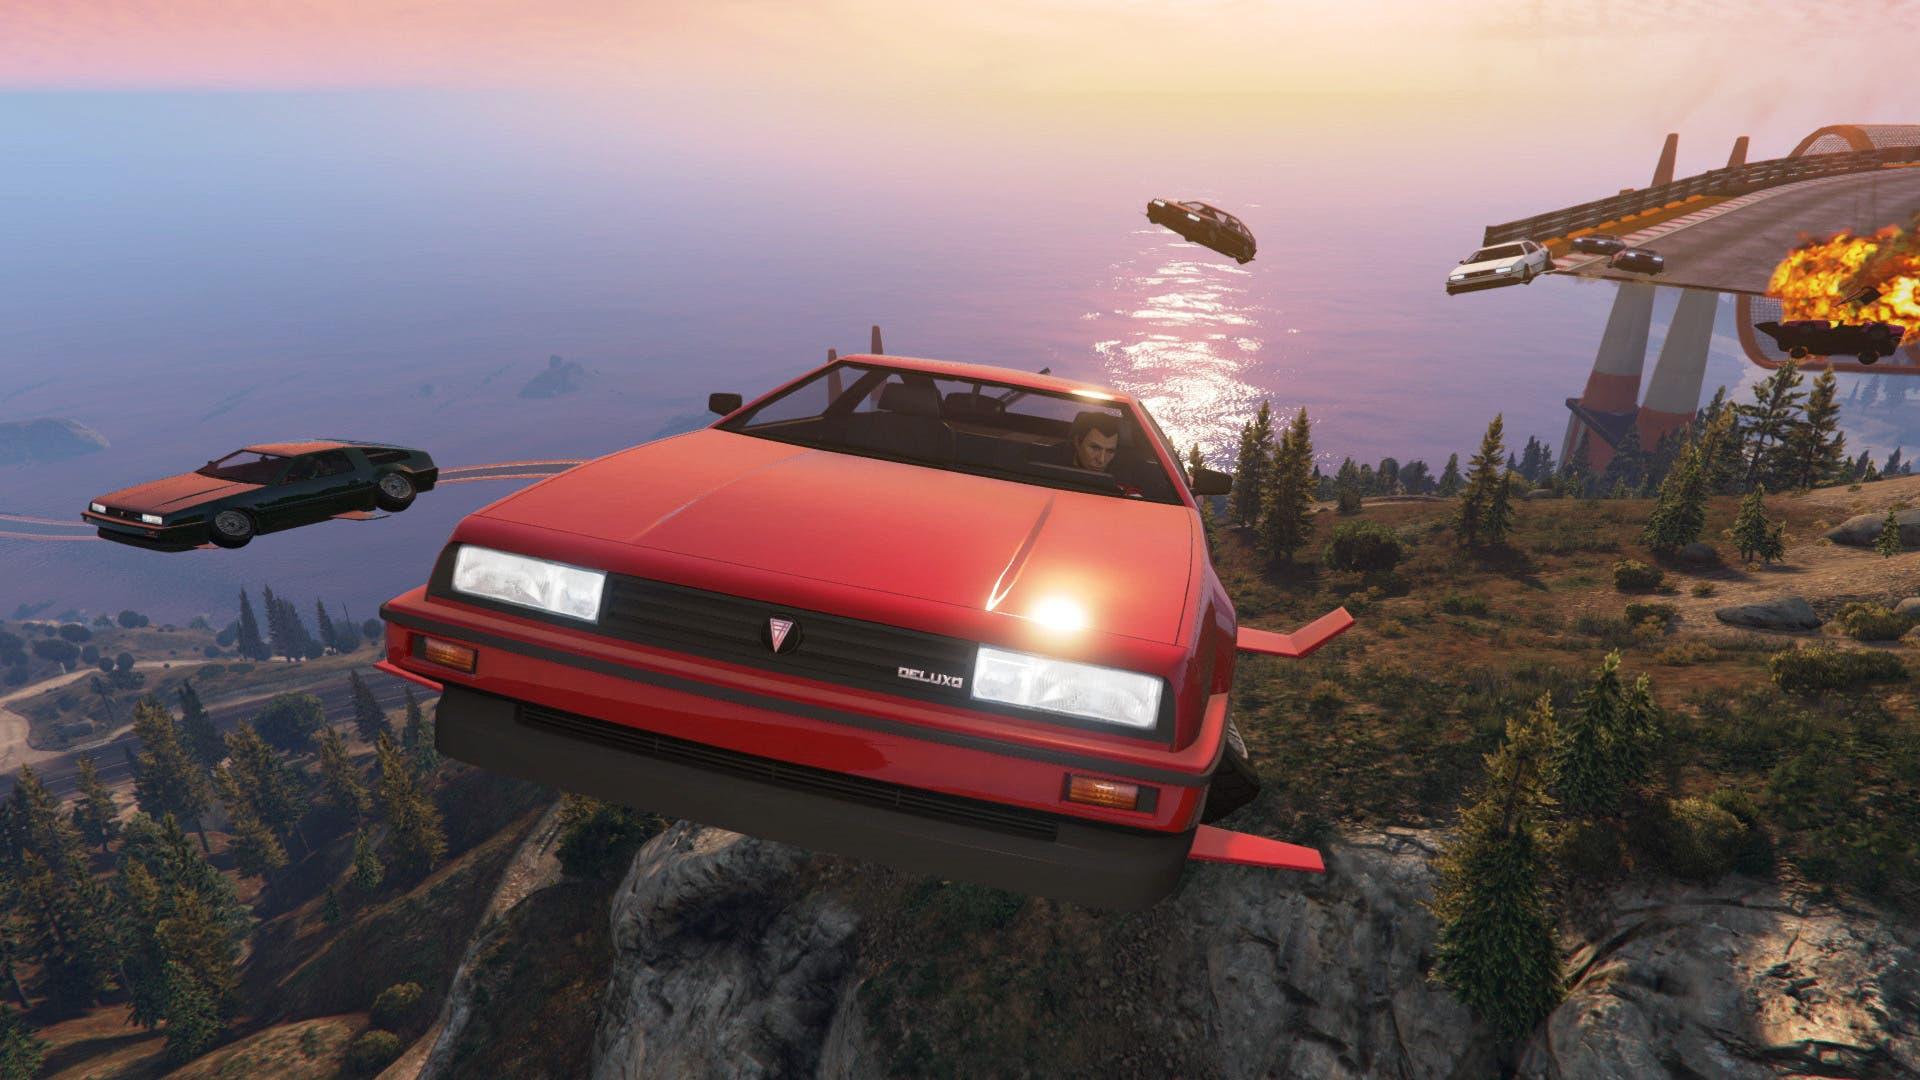 Imagen de Ya disponibles en GTA Online las carreras con Deluxo, Stromberg y Thruster